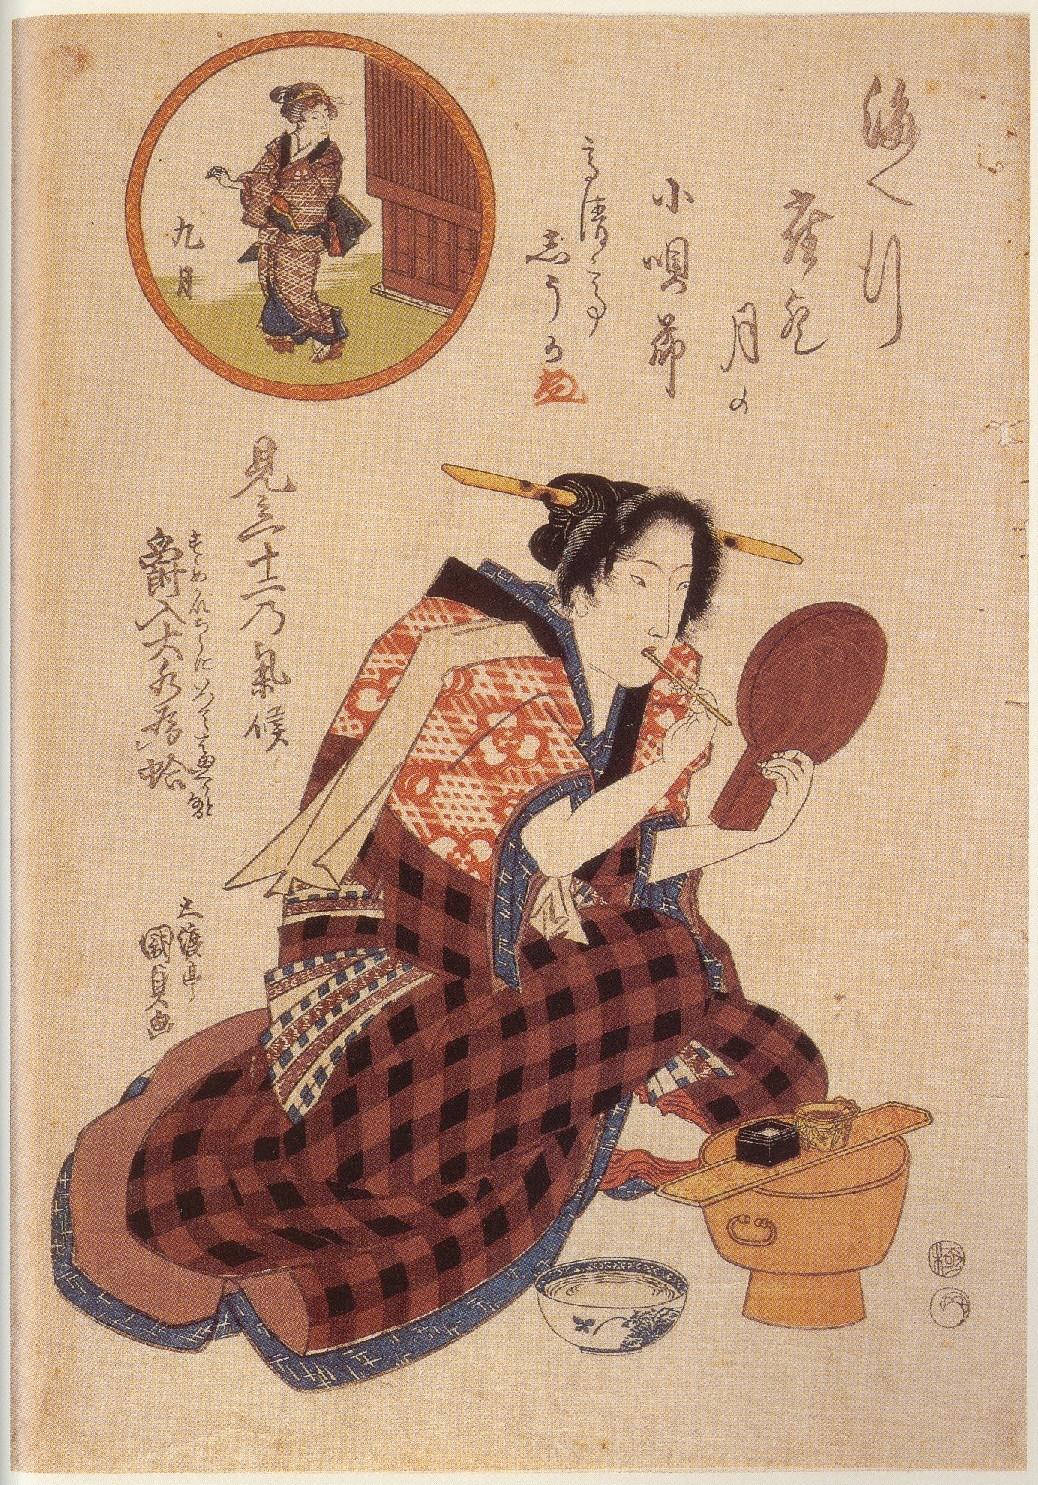 江戸時代歯磨き